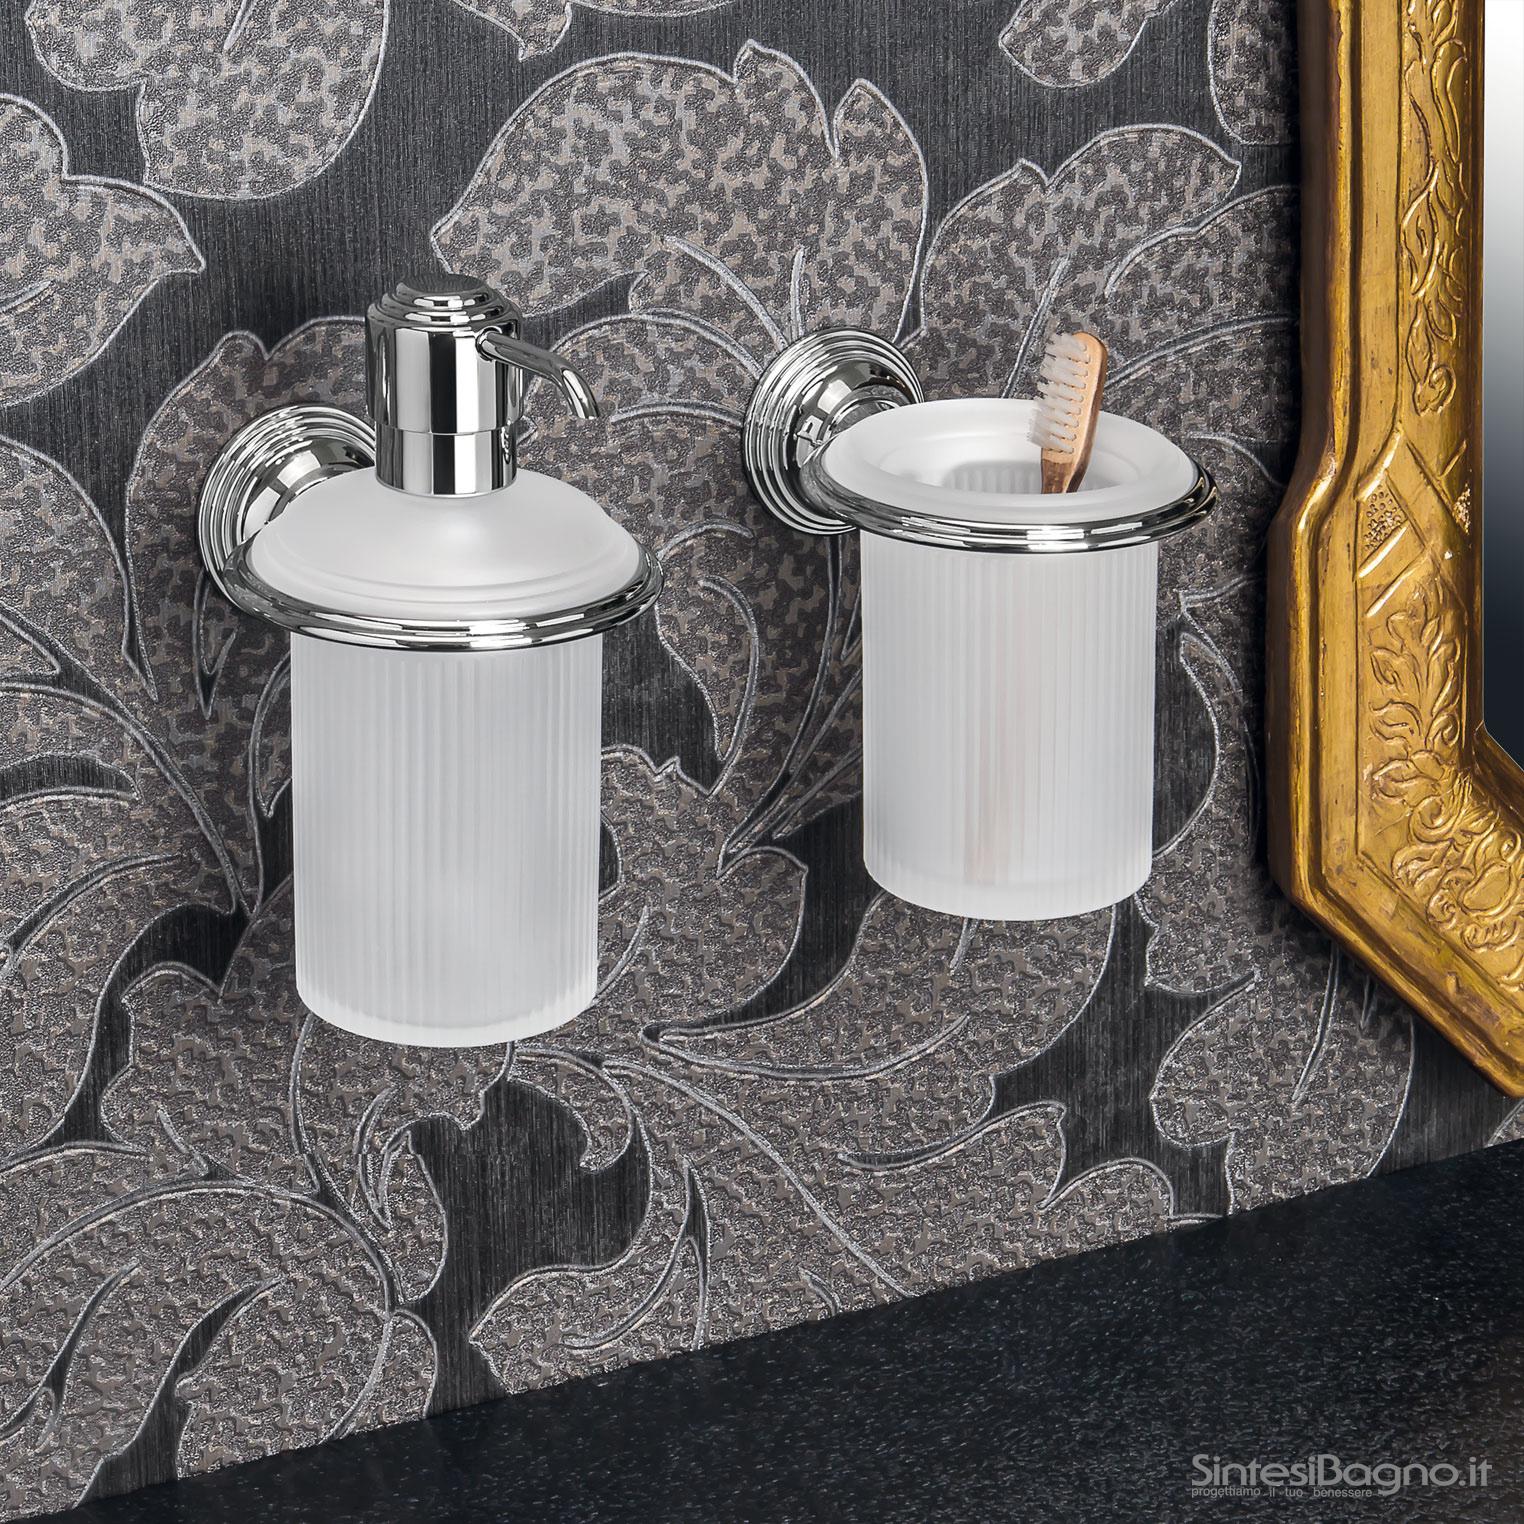 accessori-bagno-colombo-serie-hermitage-sintesibagno_ambient07